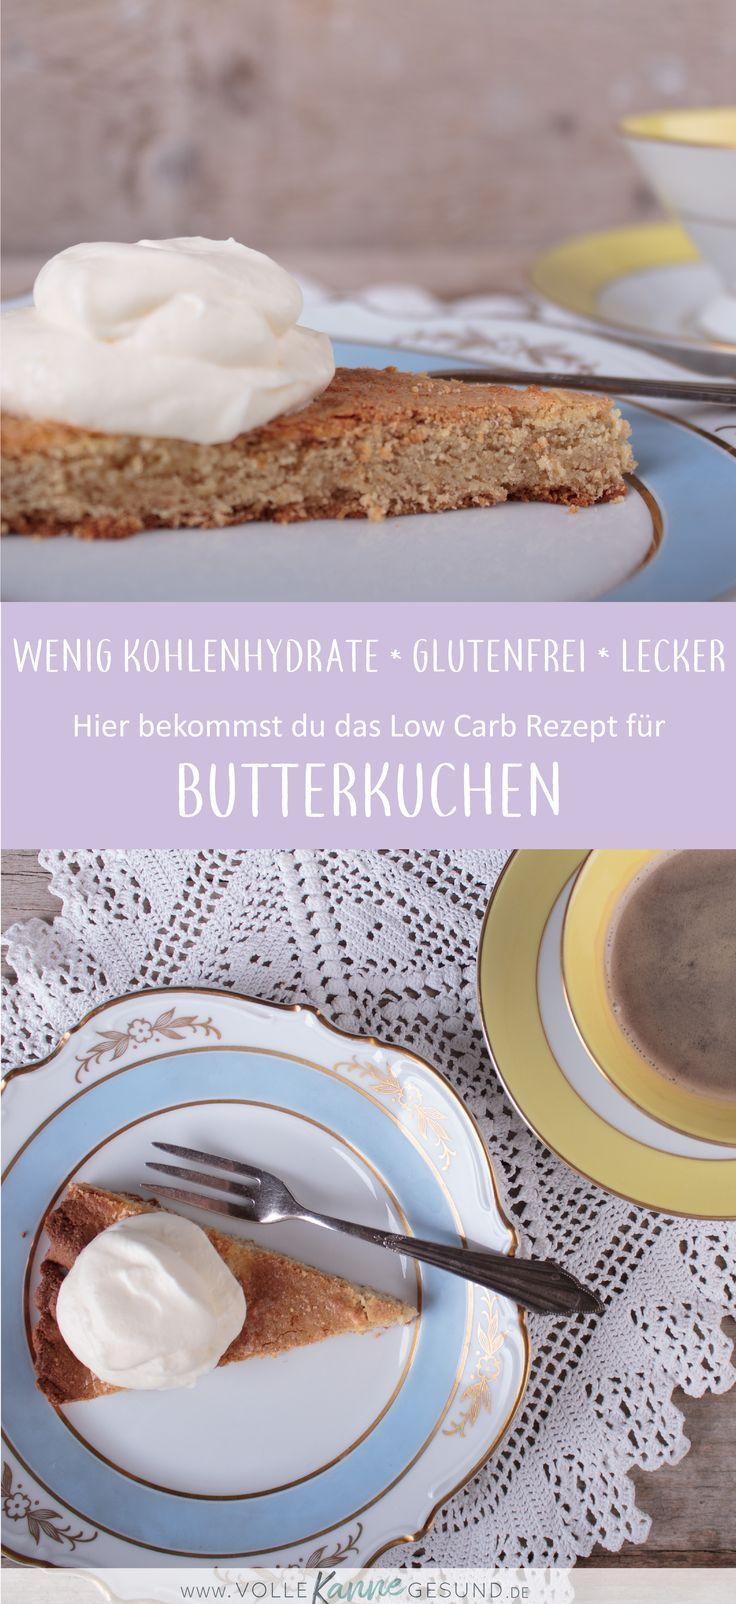 Mit Schritt-für-Schritt Anleitung zum Low Carb Kuchen: der holländische Klassiker umgewandelt in ein Rezept mit wenig Kohlenhydraten. Schnell gemacht und auch für spontane Gäste geeignet - oder wie wäre es mal mit einer süßen Mittagspause? Low Carb im Büro essen geht ganz einfach! Das Low Carb Rezept findest du kostenlos auf www.volle-kanne-gesund.de #lchf #lowcarbrezept #lowcarbbacken #abnehmen #glutenfrei